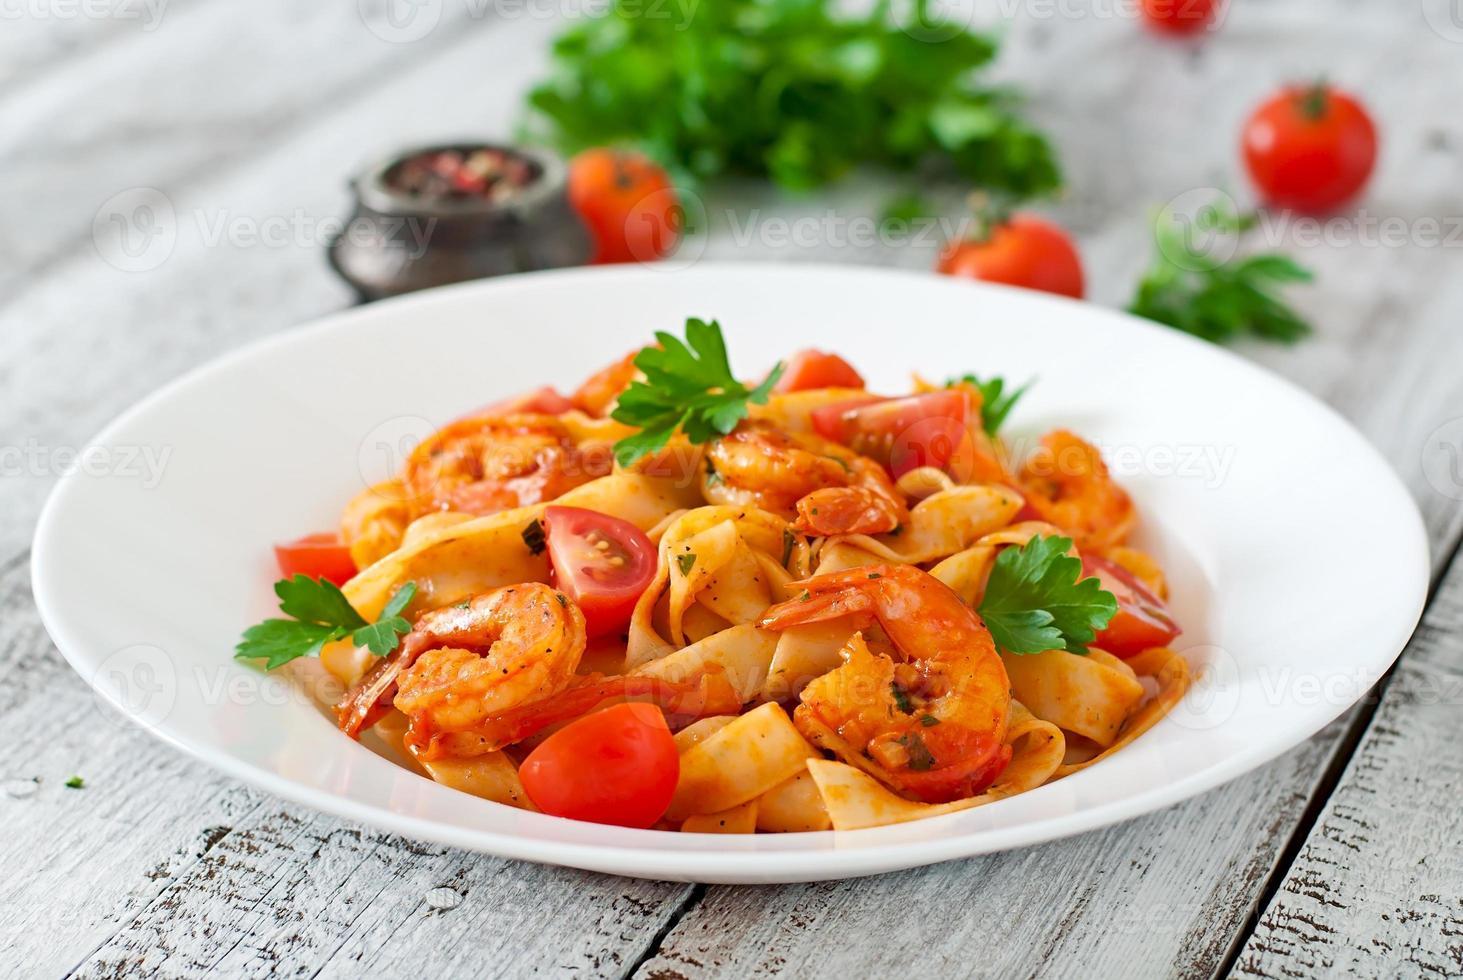 macarrão fettuccine com camarão, tomate e ervas foto